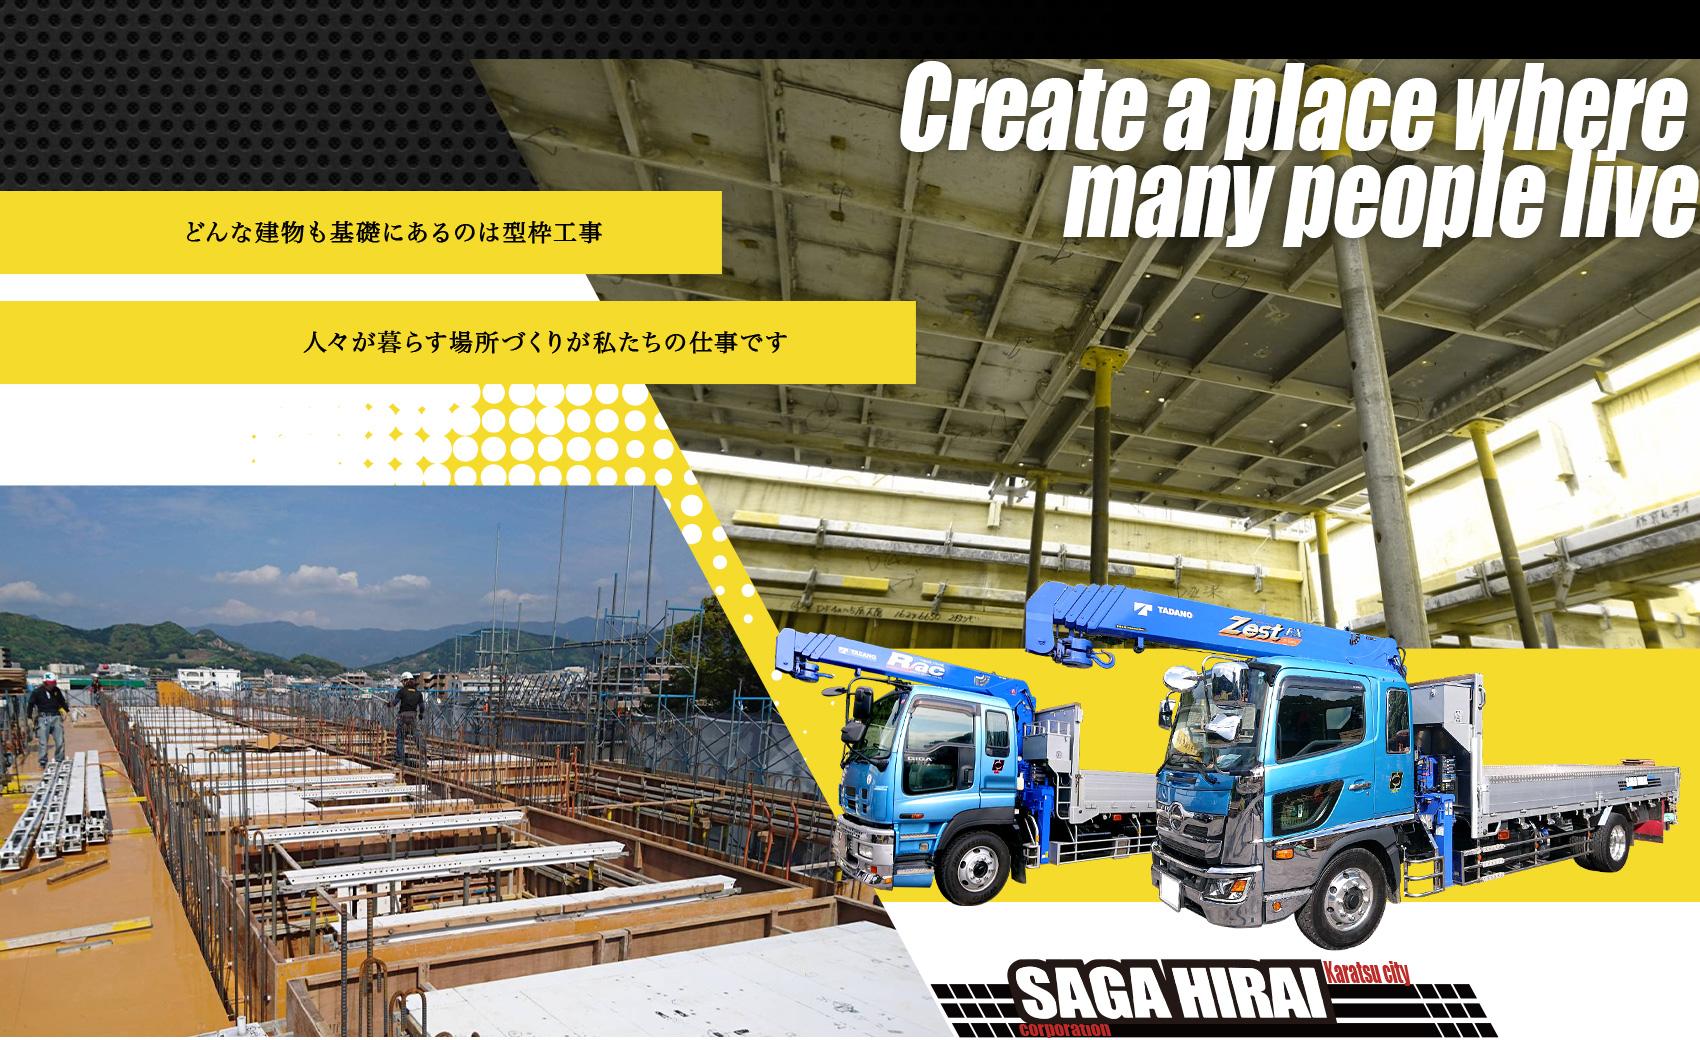 どんな建物も基礎にあるのは型枠工事人々が暮らす場所づくりが私たちの仕事です